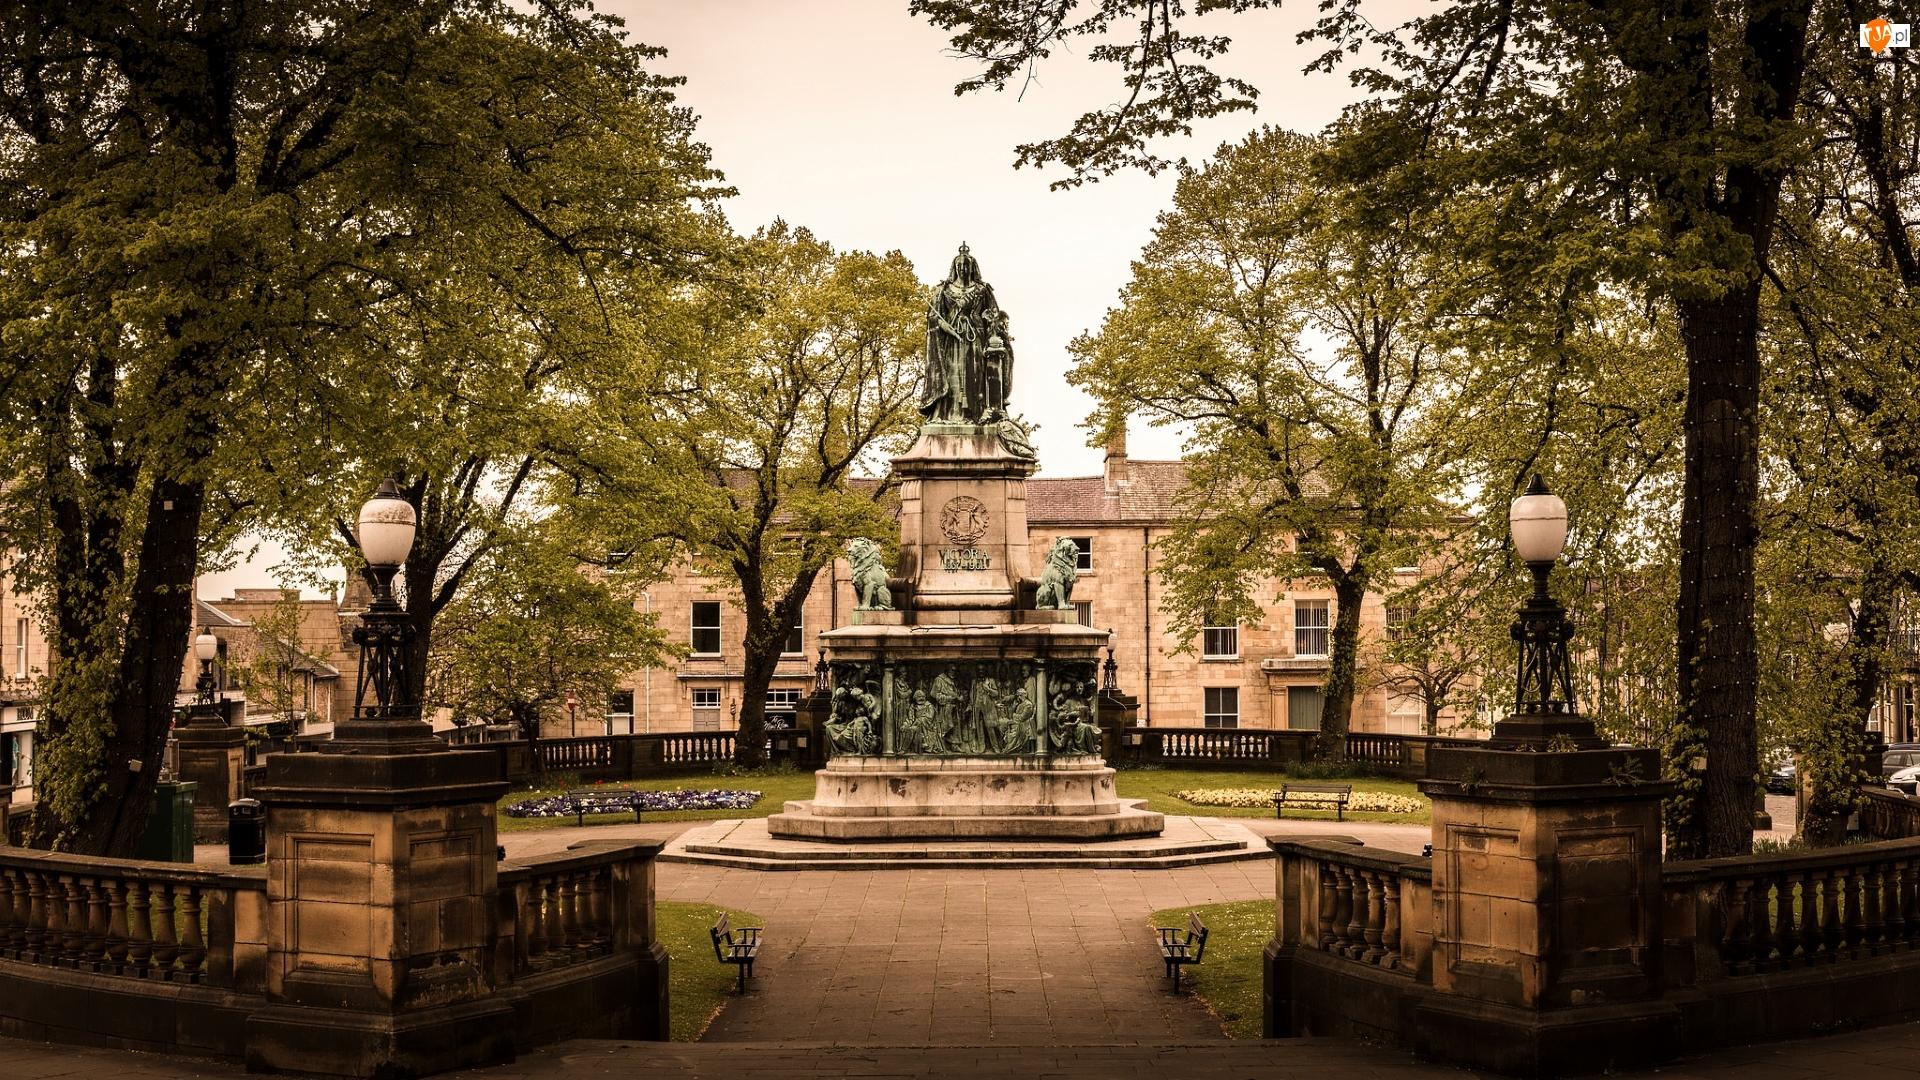 Królowej Wiktorii, Pomnik, Drzewa, Anglia, Park, Lancaster